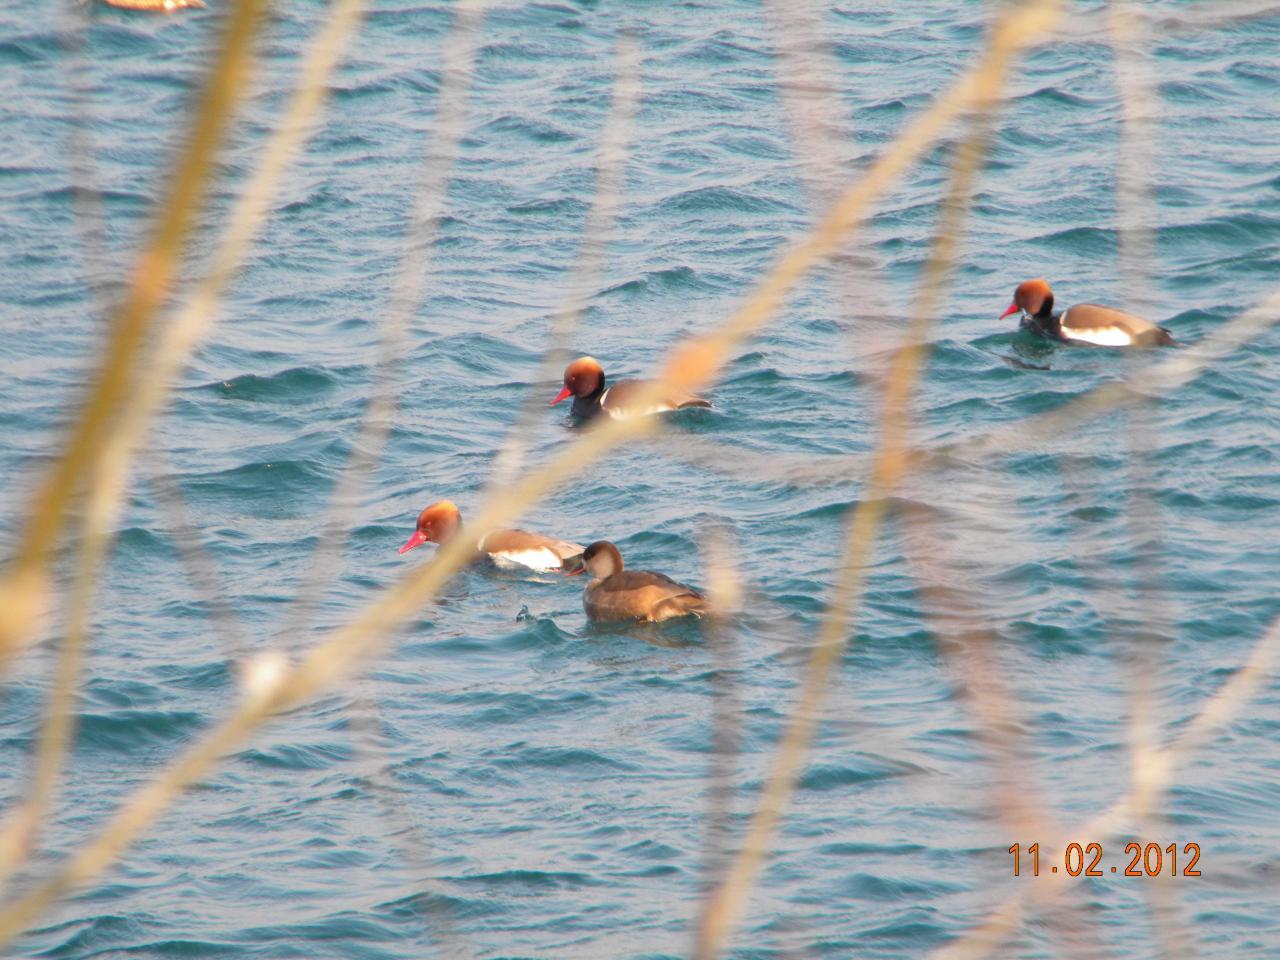 120115 Janv 2012 Nettes Rousses sur Le Pibolo (19)